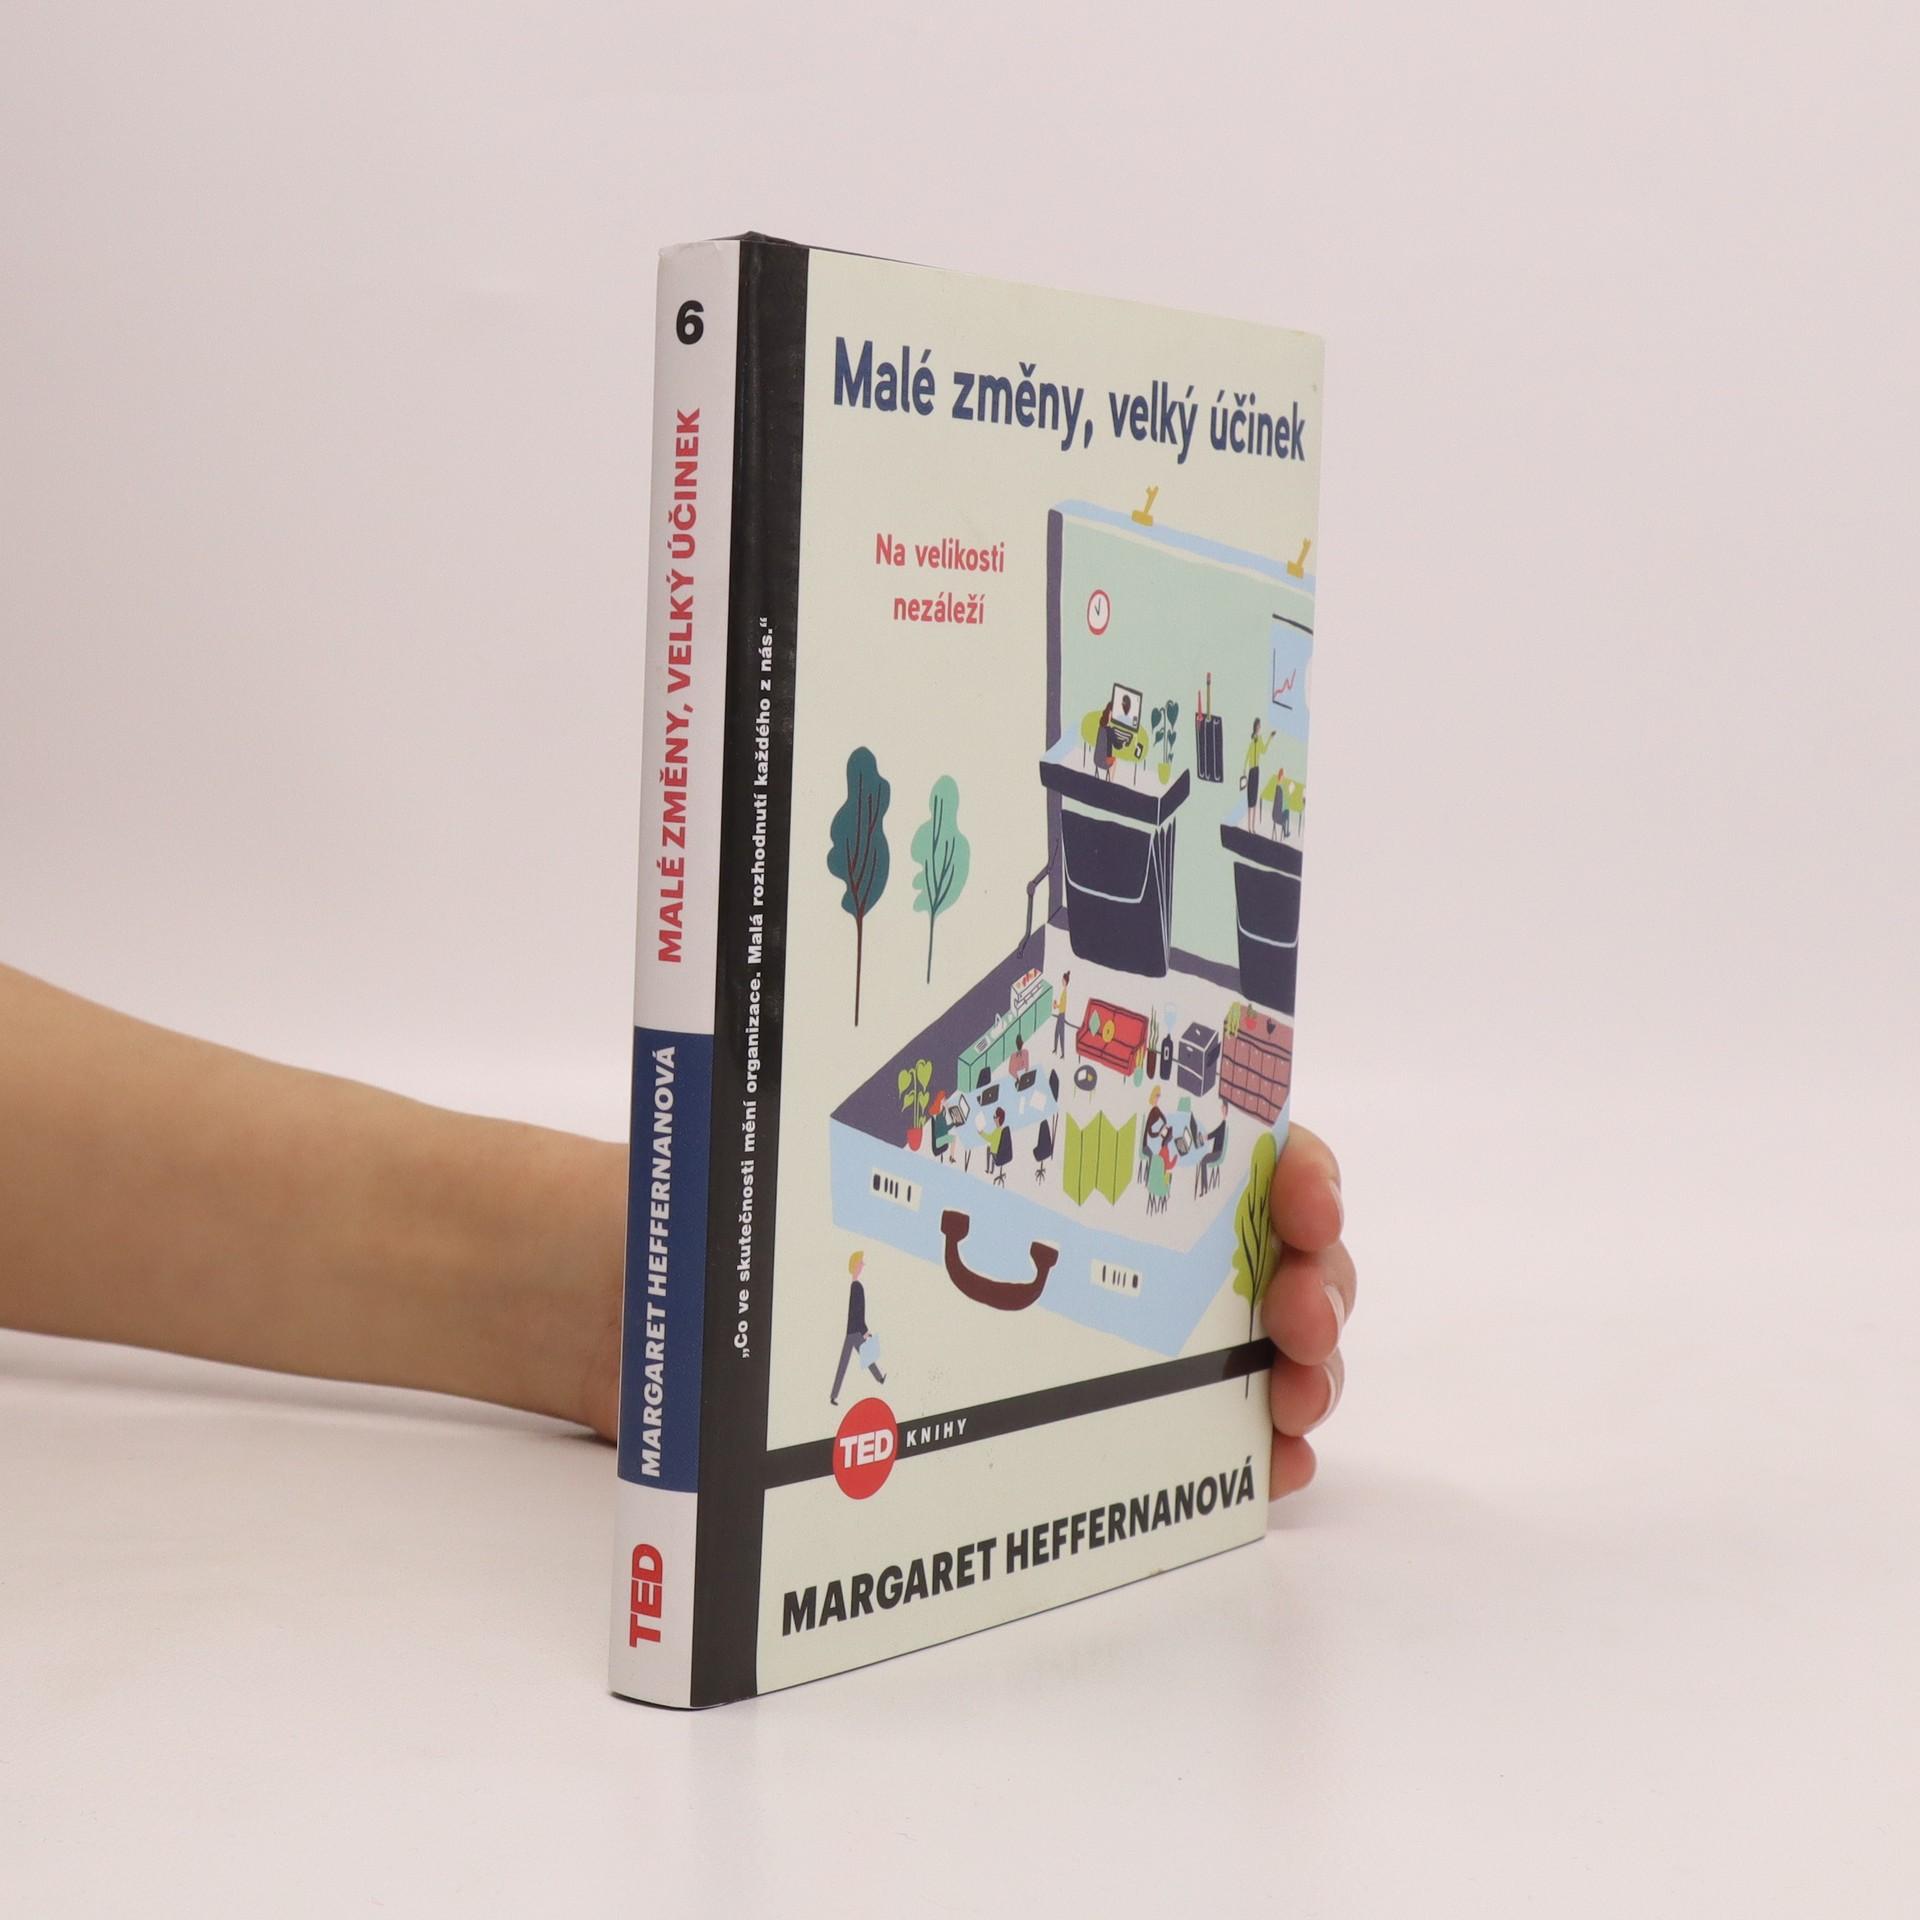 antikvární kniha Malé změny, velký účinek, 2016